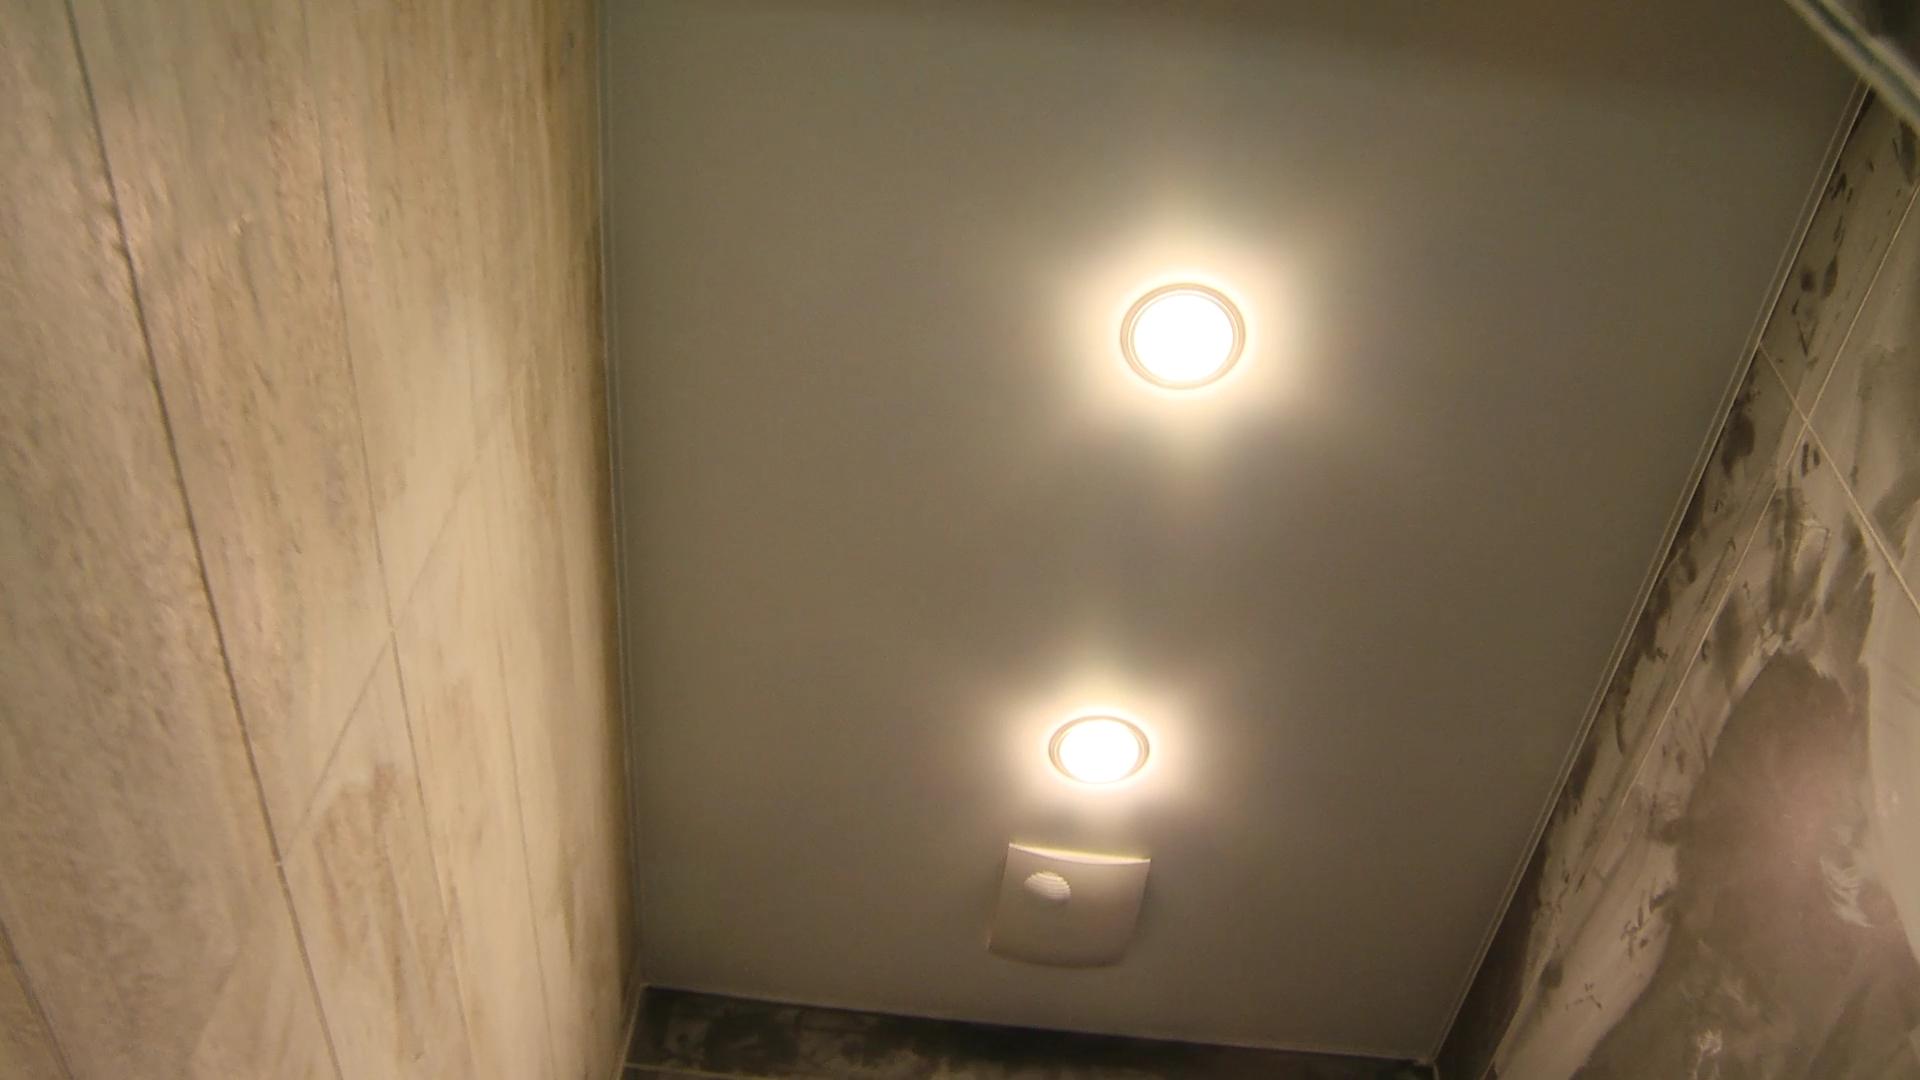 Натянутый натяжной потолок  в туалете - процесс ремонта и отделка стен